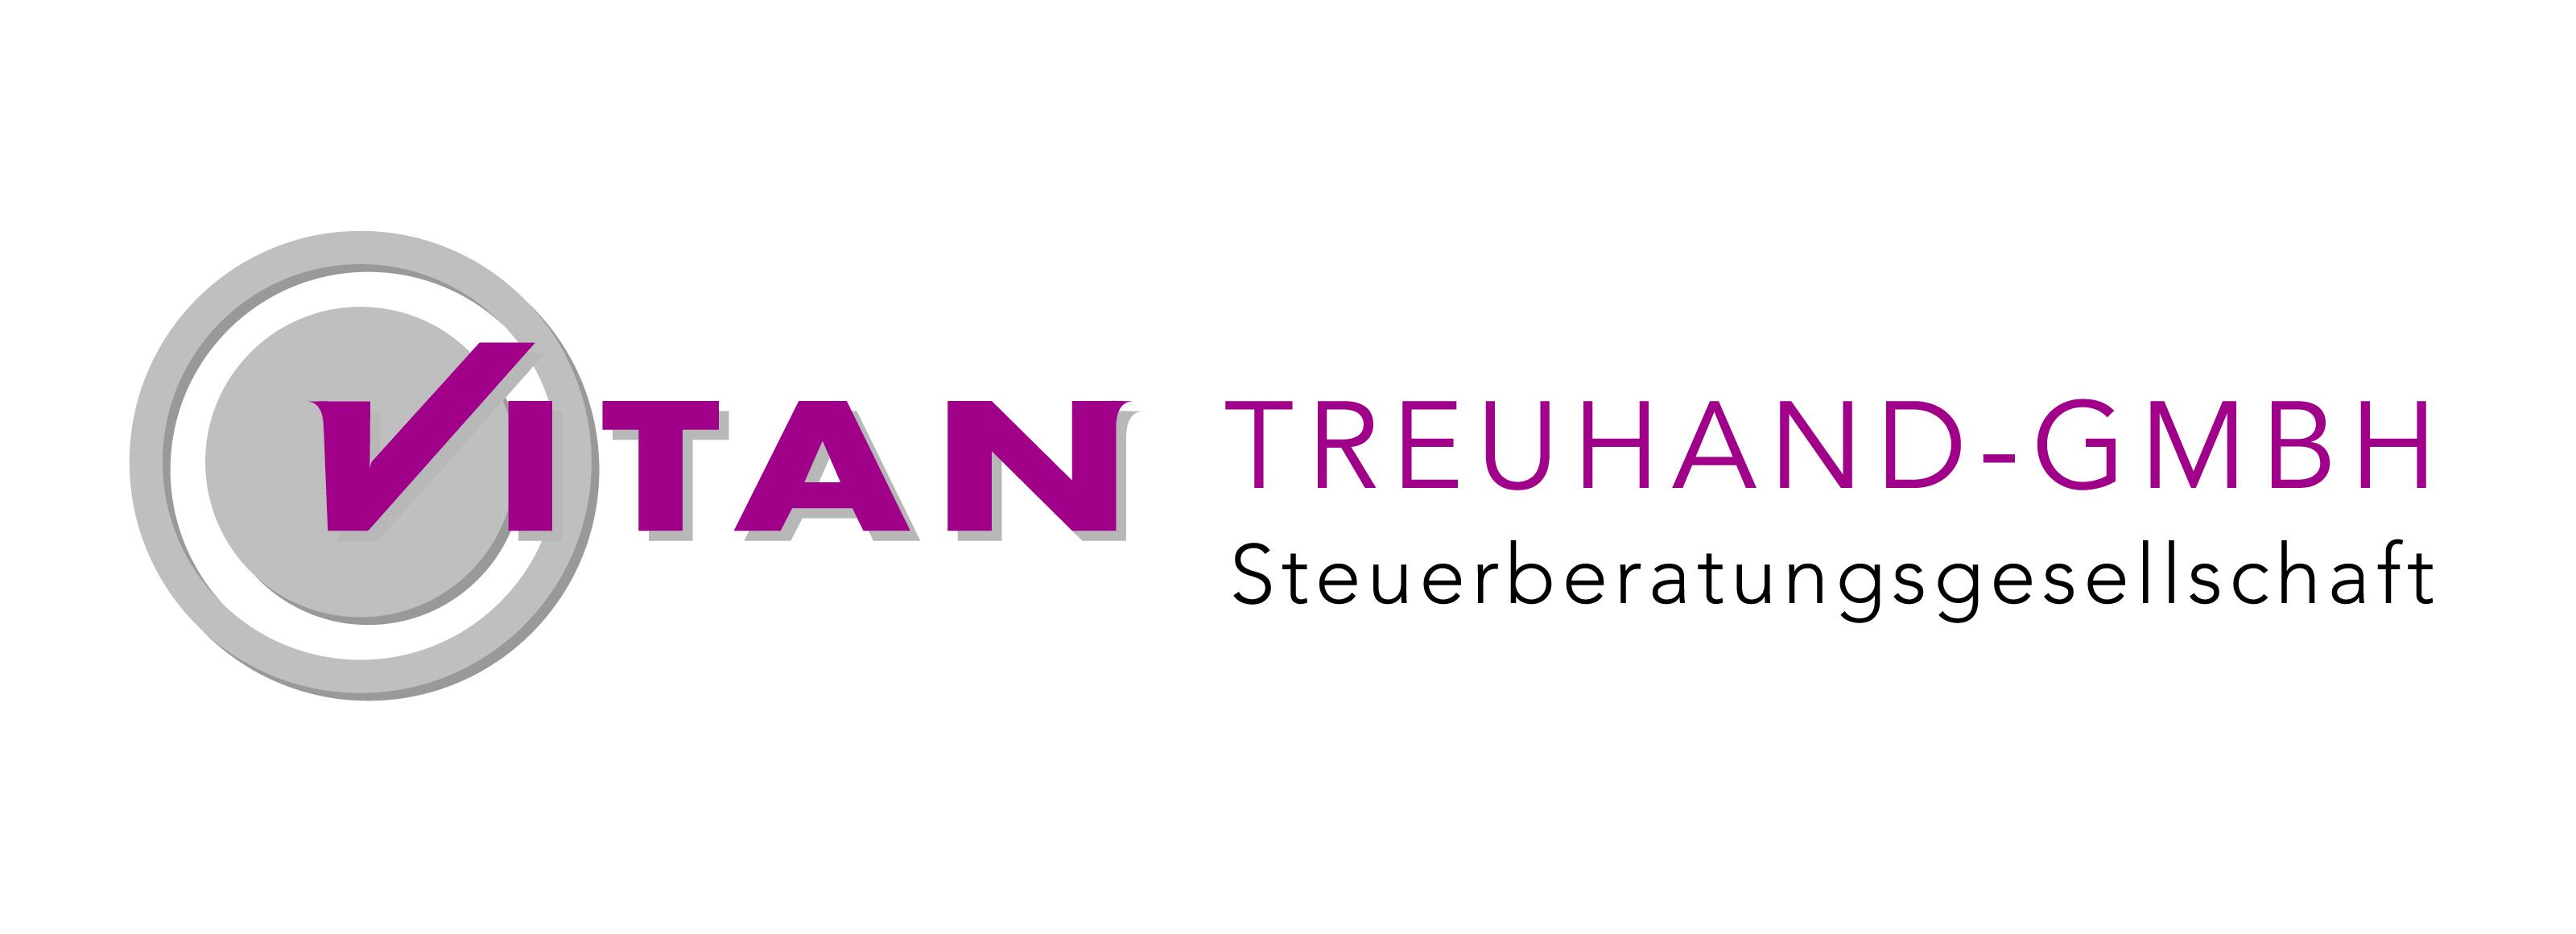 VITAN TREUHAND-GMBH Steuerberatungsgesellschaft